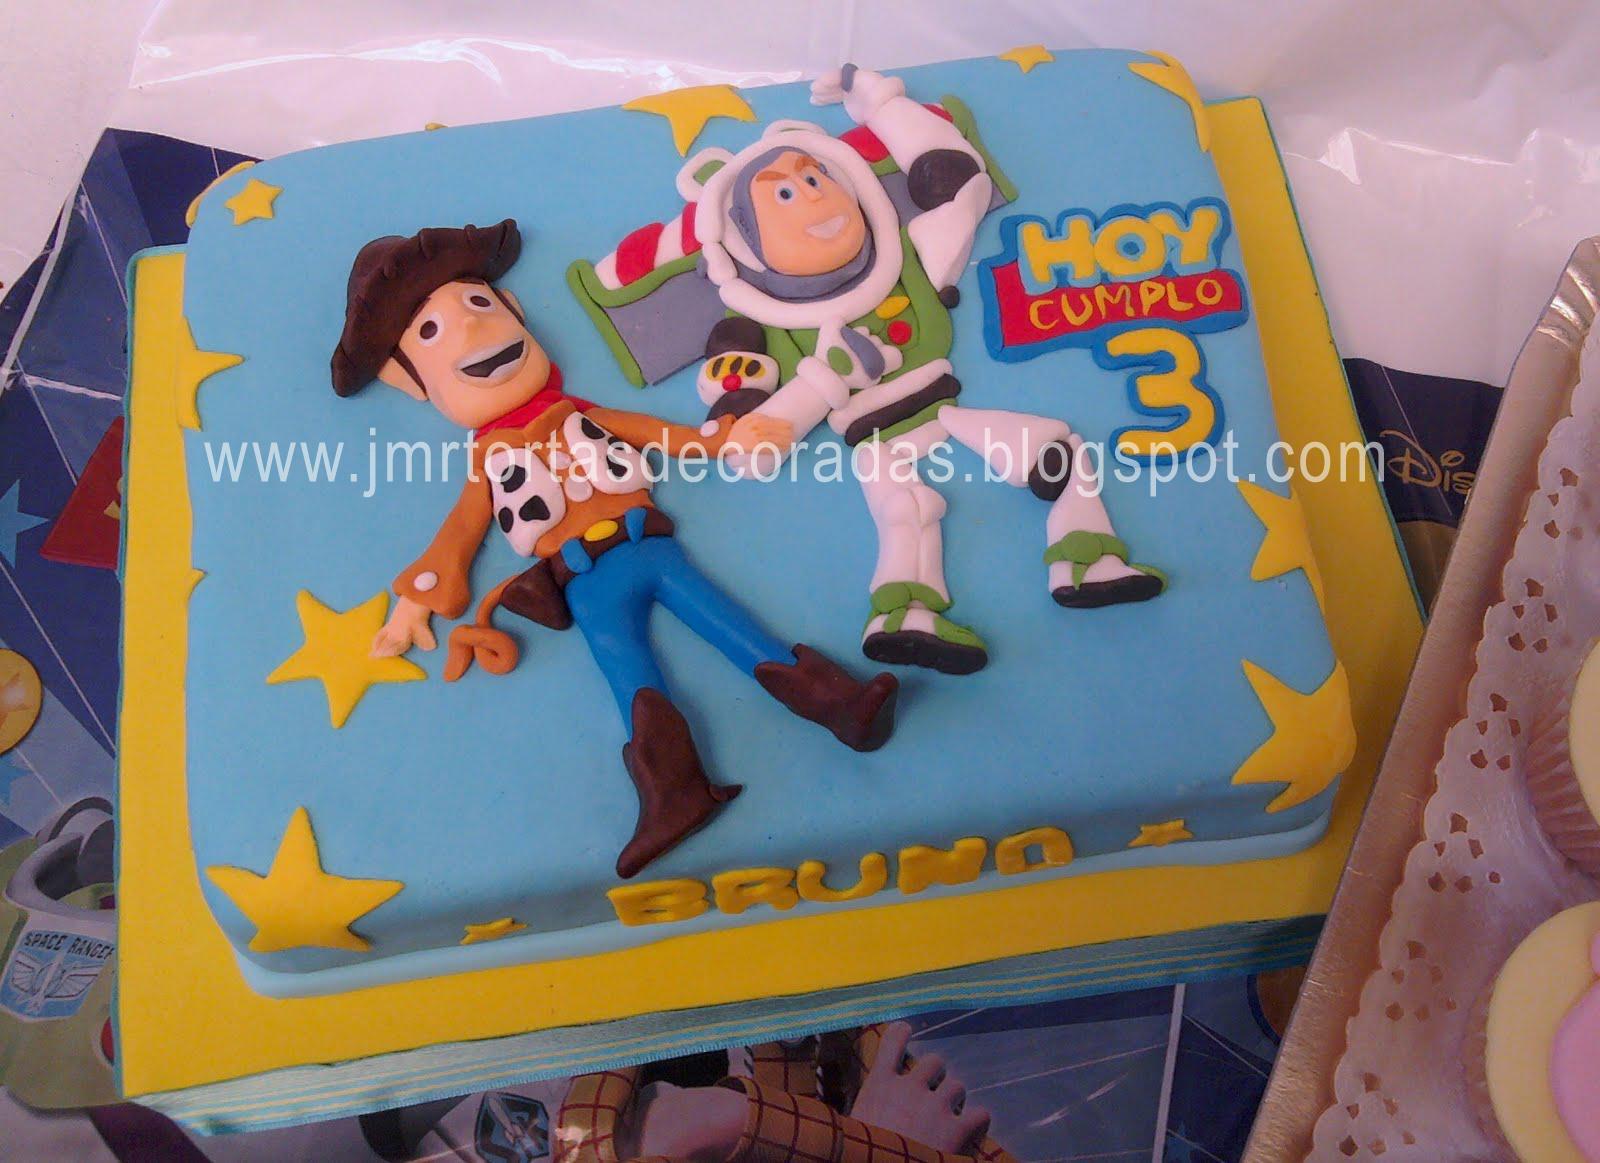 Mini Of Plano >> Toy Story + Cupcakes tematicos | JMR Tortas Decoradas